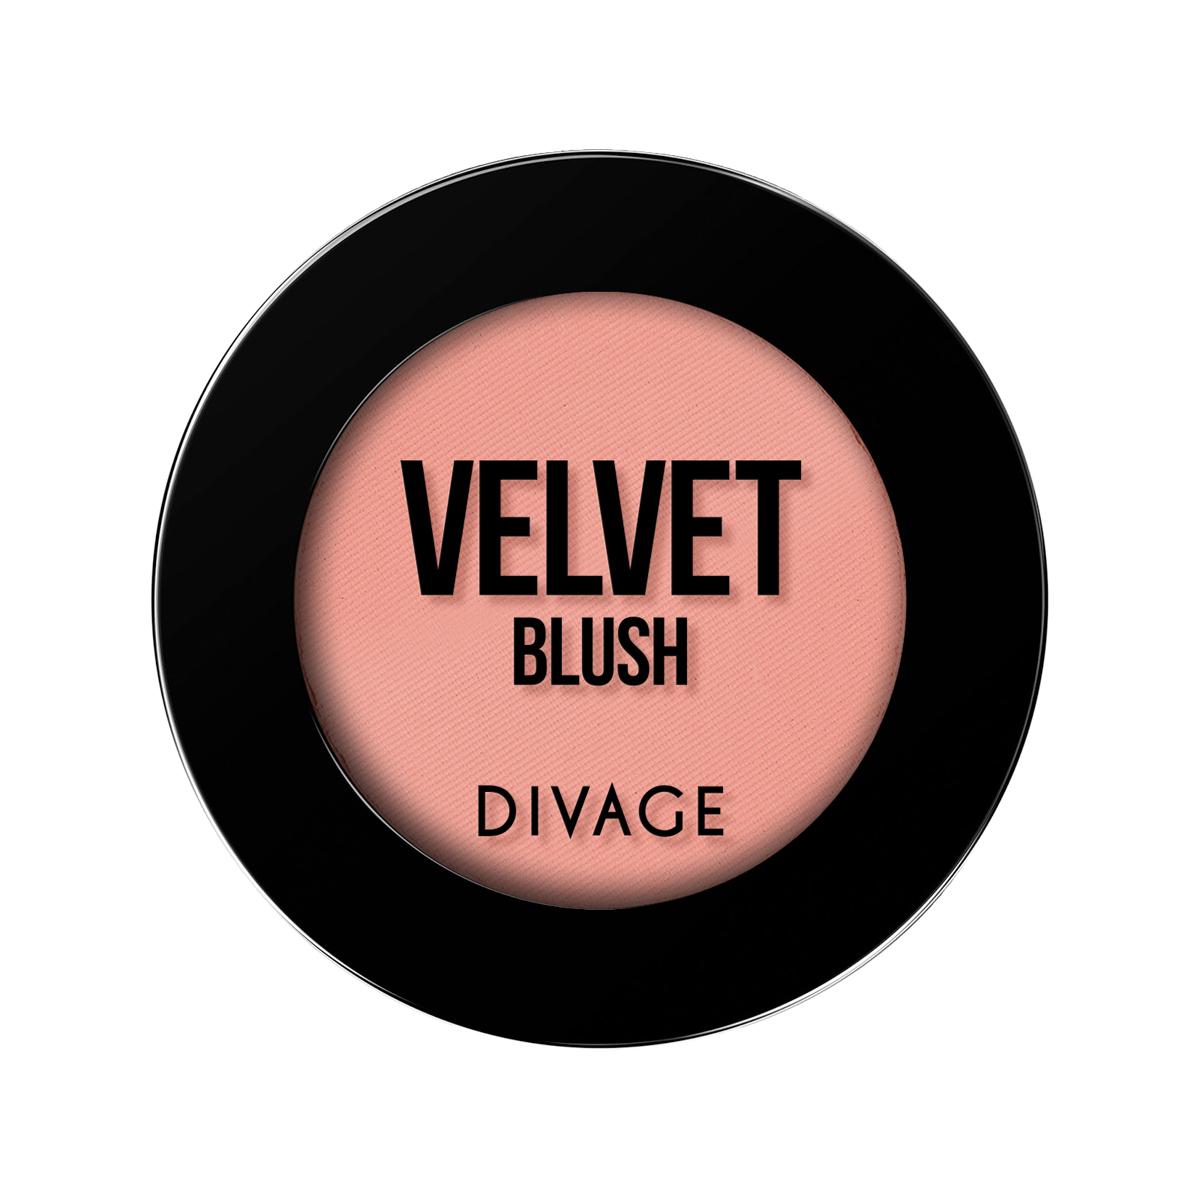 DIVAGE Румяна компактные VELVET, тон № 8701, 4 гр.HX6082/07Румяна VELVET - это естественный оттенок утренней свежести, придающий лицу сияющий и отдохнувший вид. Румяна с деликатным матовым эффектом создают максимально естественный образ. Формула с мелкодисперсной текстурой не перегружает макияж. Стойкий цветовой пигмент сохраняется в течение всего дня. Палитра из четырёх оттенков позволяет использовать этот продукт как для придания легкого румянца, так и для коррекции овала лица.Румяна VELVET - это естественный оттенок утренней свежести, придающий лицу сияющий и отдохнувший вид. Румяна с деликатным матовым эффектом создают максимально естественный образ. Формула с мелкодисперсной текстурой не перегружает макияж. Стойкий цветовой пигмент сохраняется в течение всего дня. Палитра из четырёх оттенков позволяет использовать этот продукт как для придания легкого румянца, так и для коррекции овала лица.